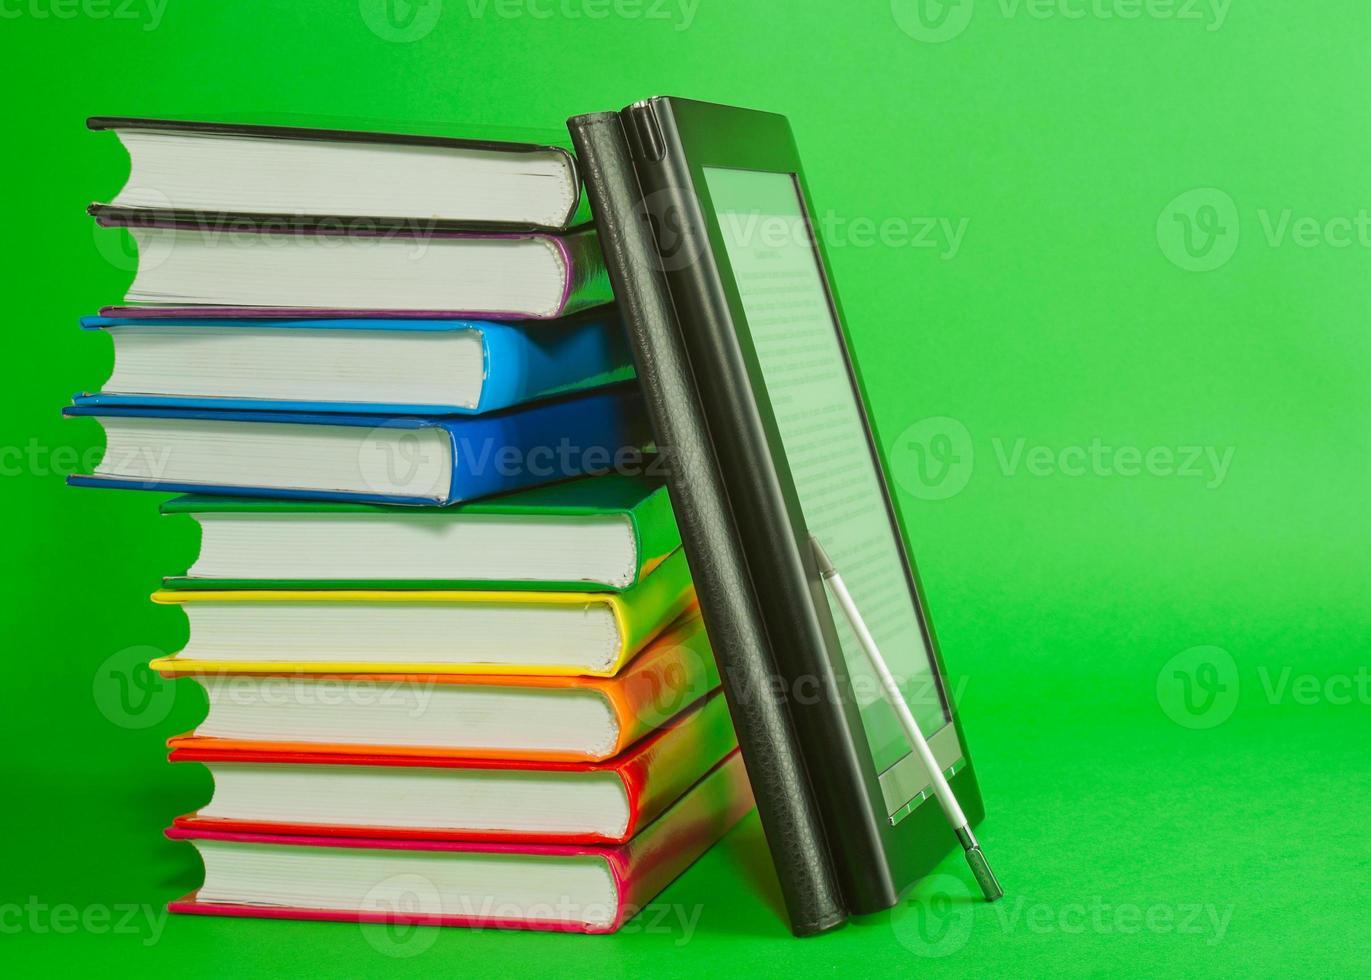 elektronische boeklezer met stapel gedrukte boeken foto